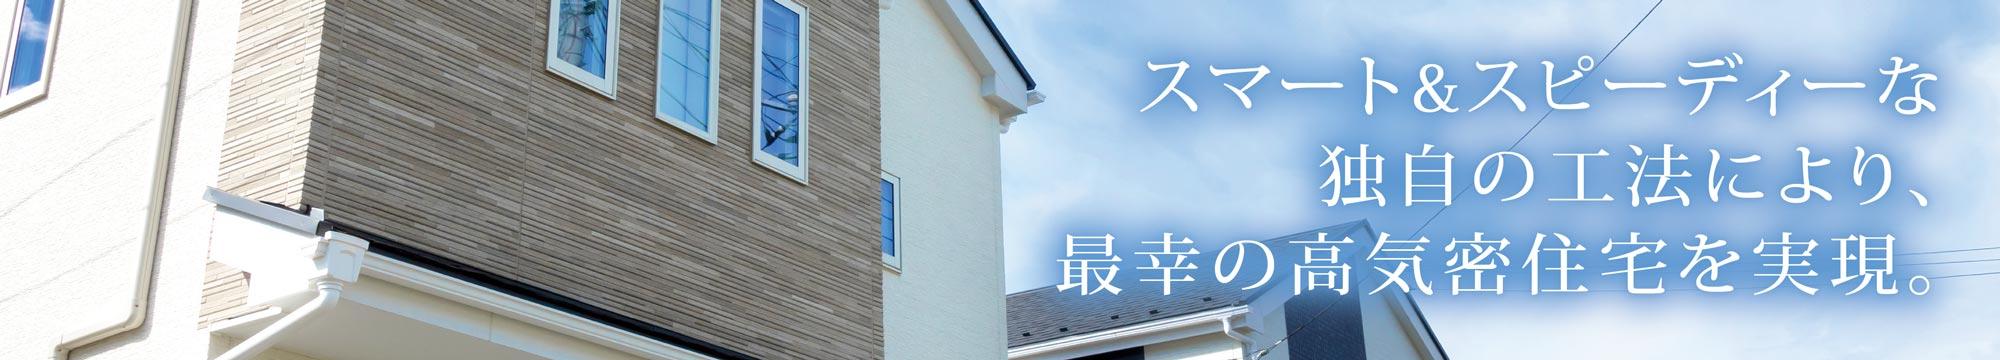 スマート&スピーディーな 独自の工法により、 最幸の高気密住宅を実現。